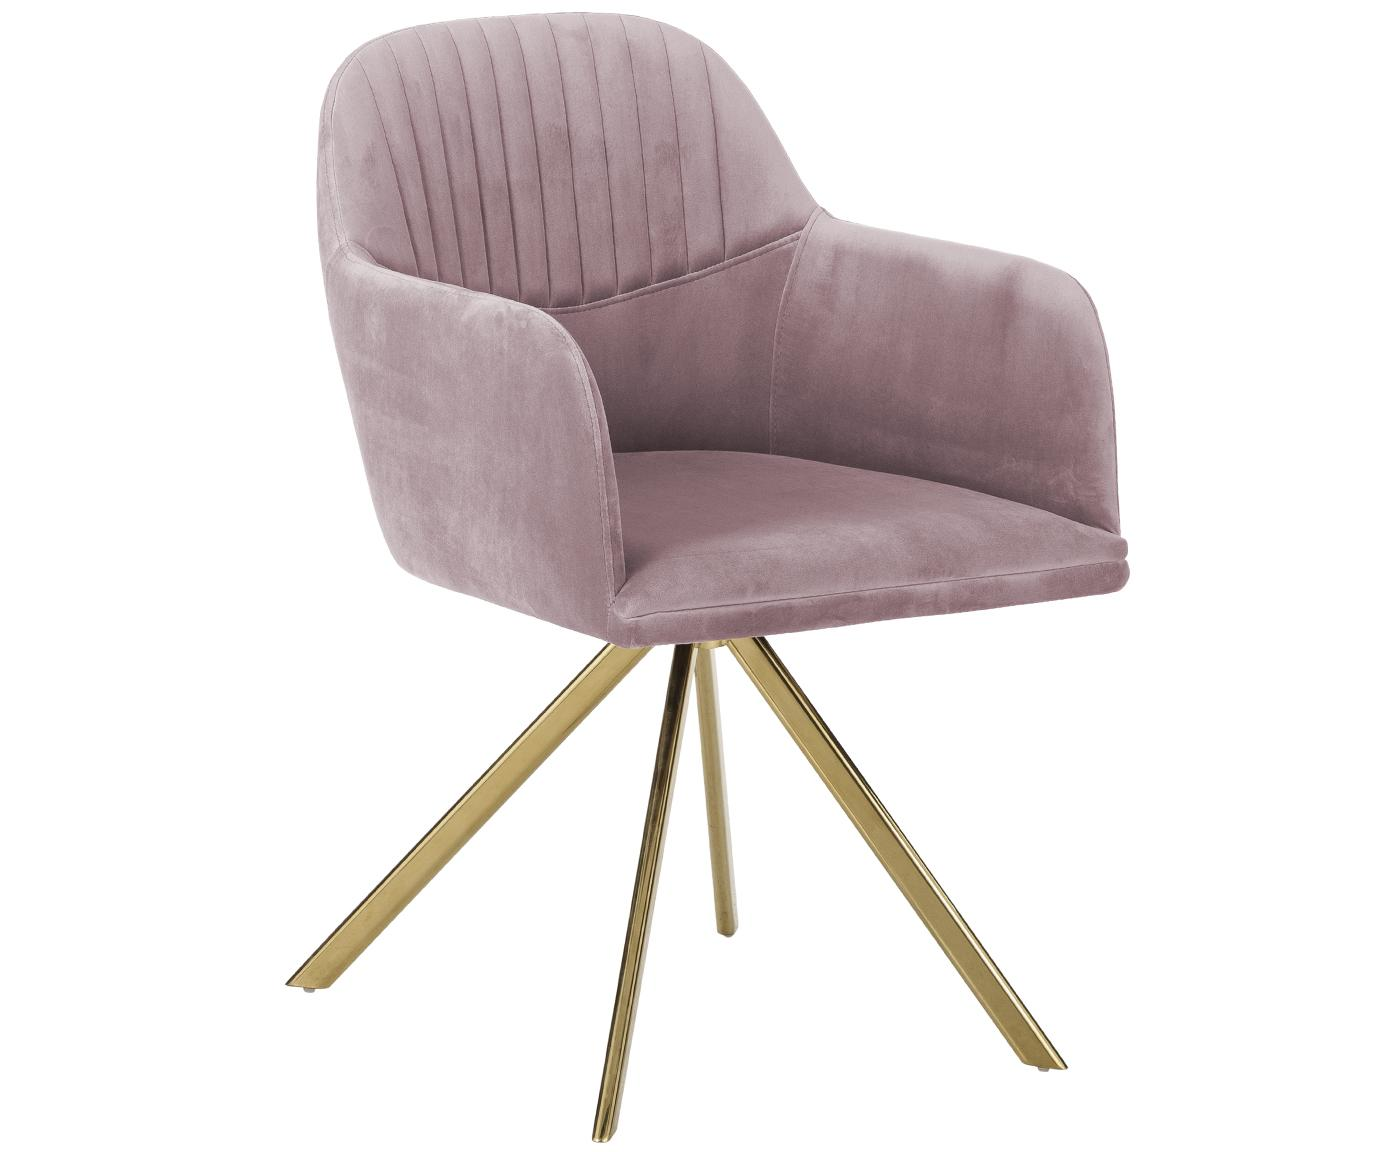 Krzesło obrotowe z aksamitu z podłokietnikami Lola, Tapicerka: aksamit (100% poliester) , Nogi: metal galwanizowany, Aksamitny mauve, nogi: złoty, S 52 x G 57 cm